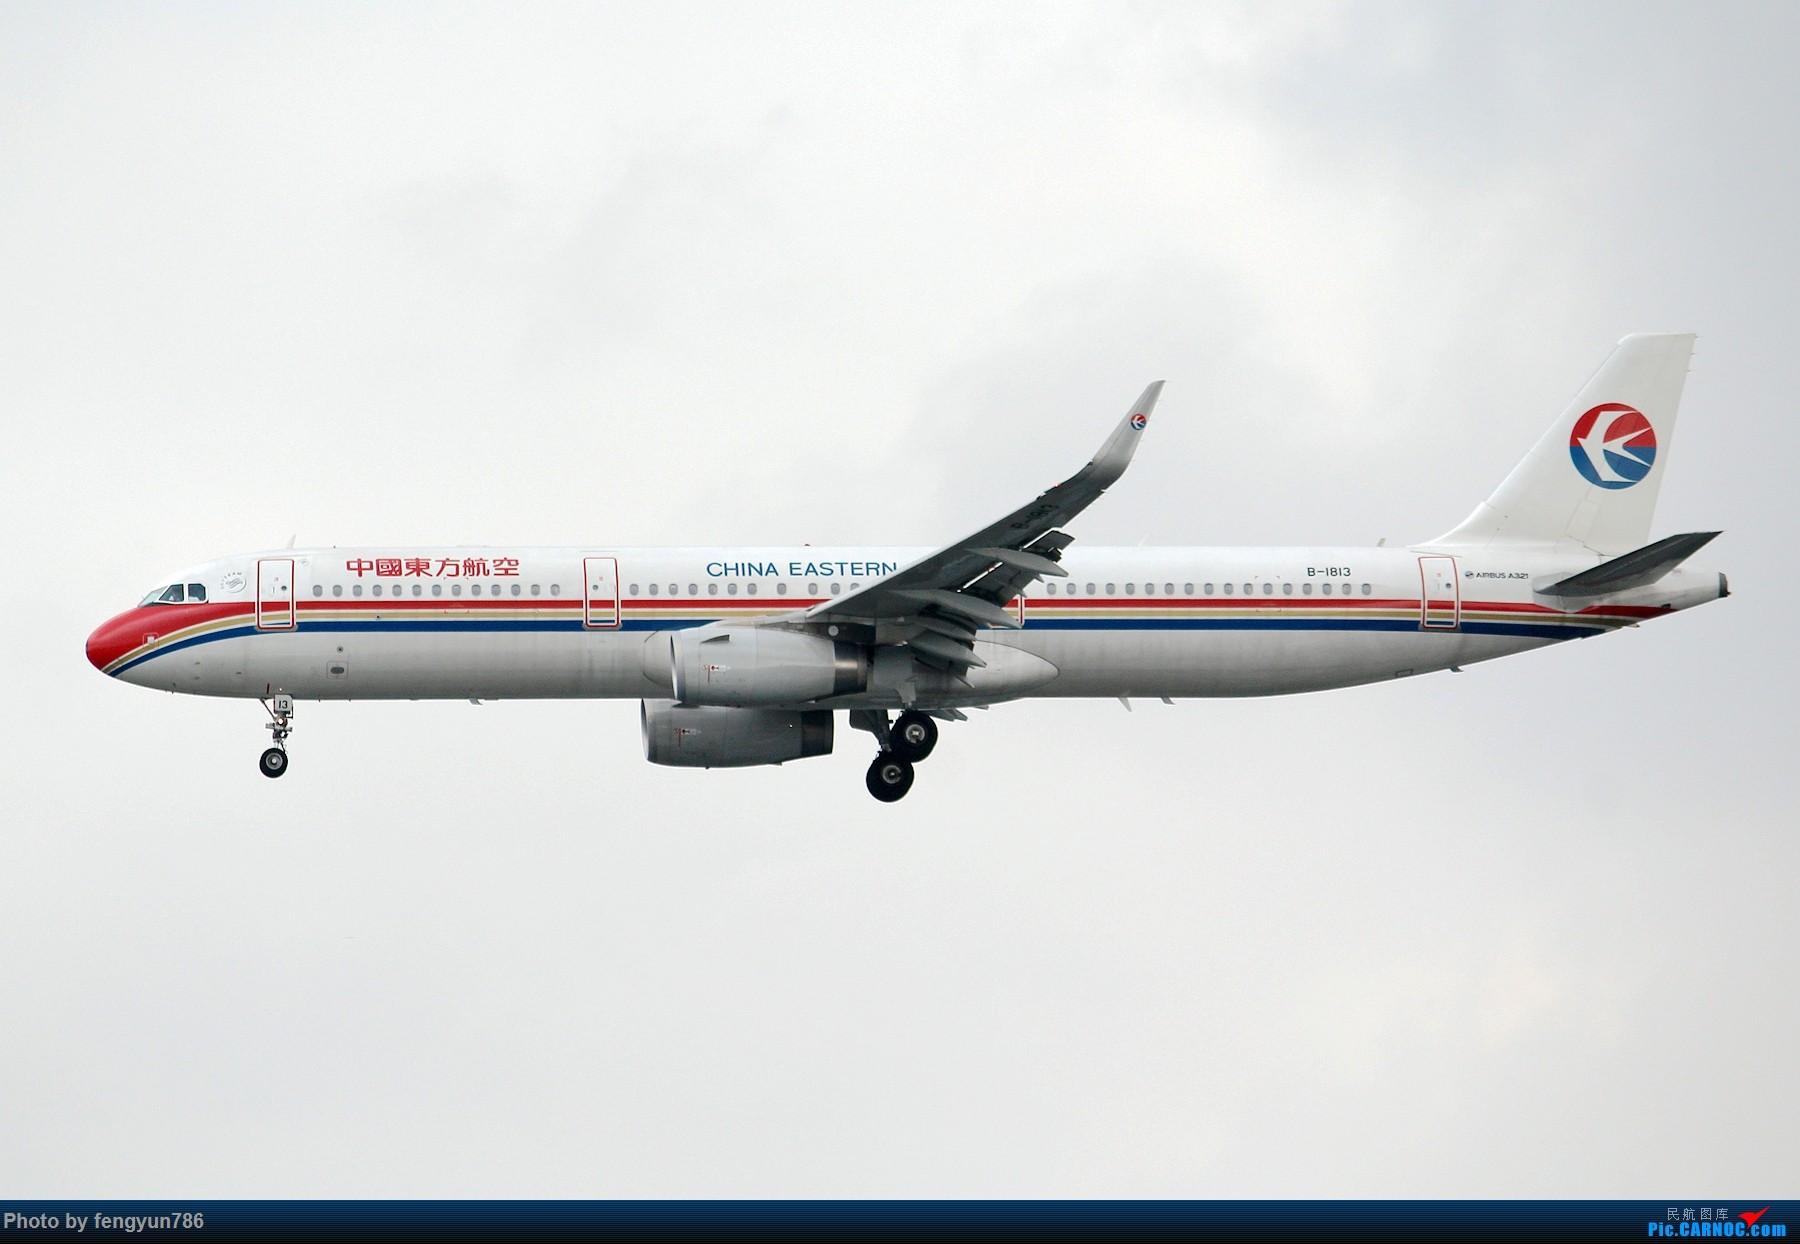 Re:[原创]新人首贴,6.18 SHA流水账 AIRBUS A321-200 B-1813 中国上海虹桥国际机场